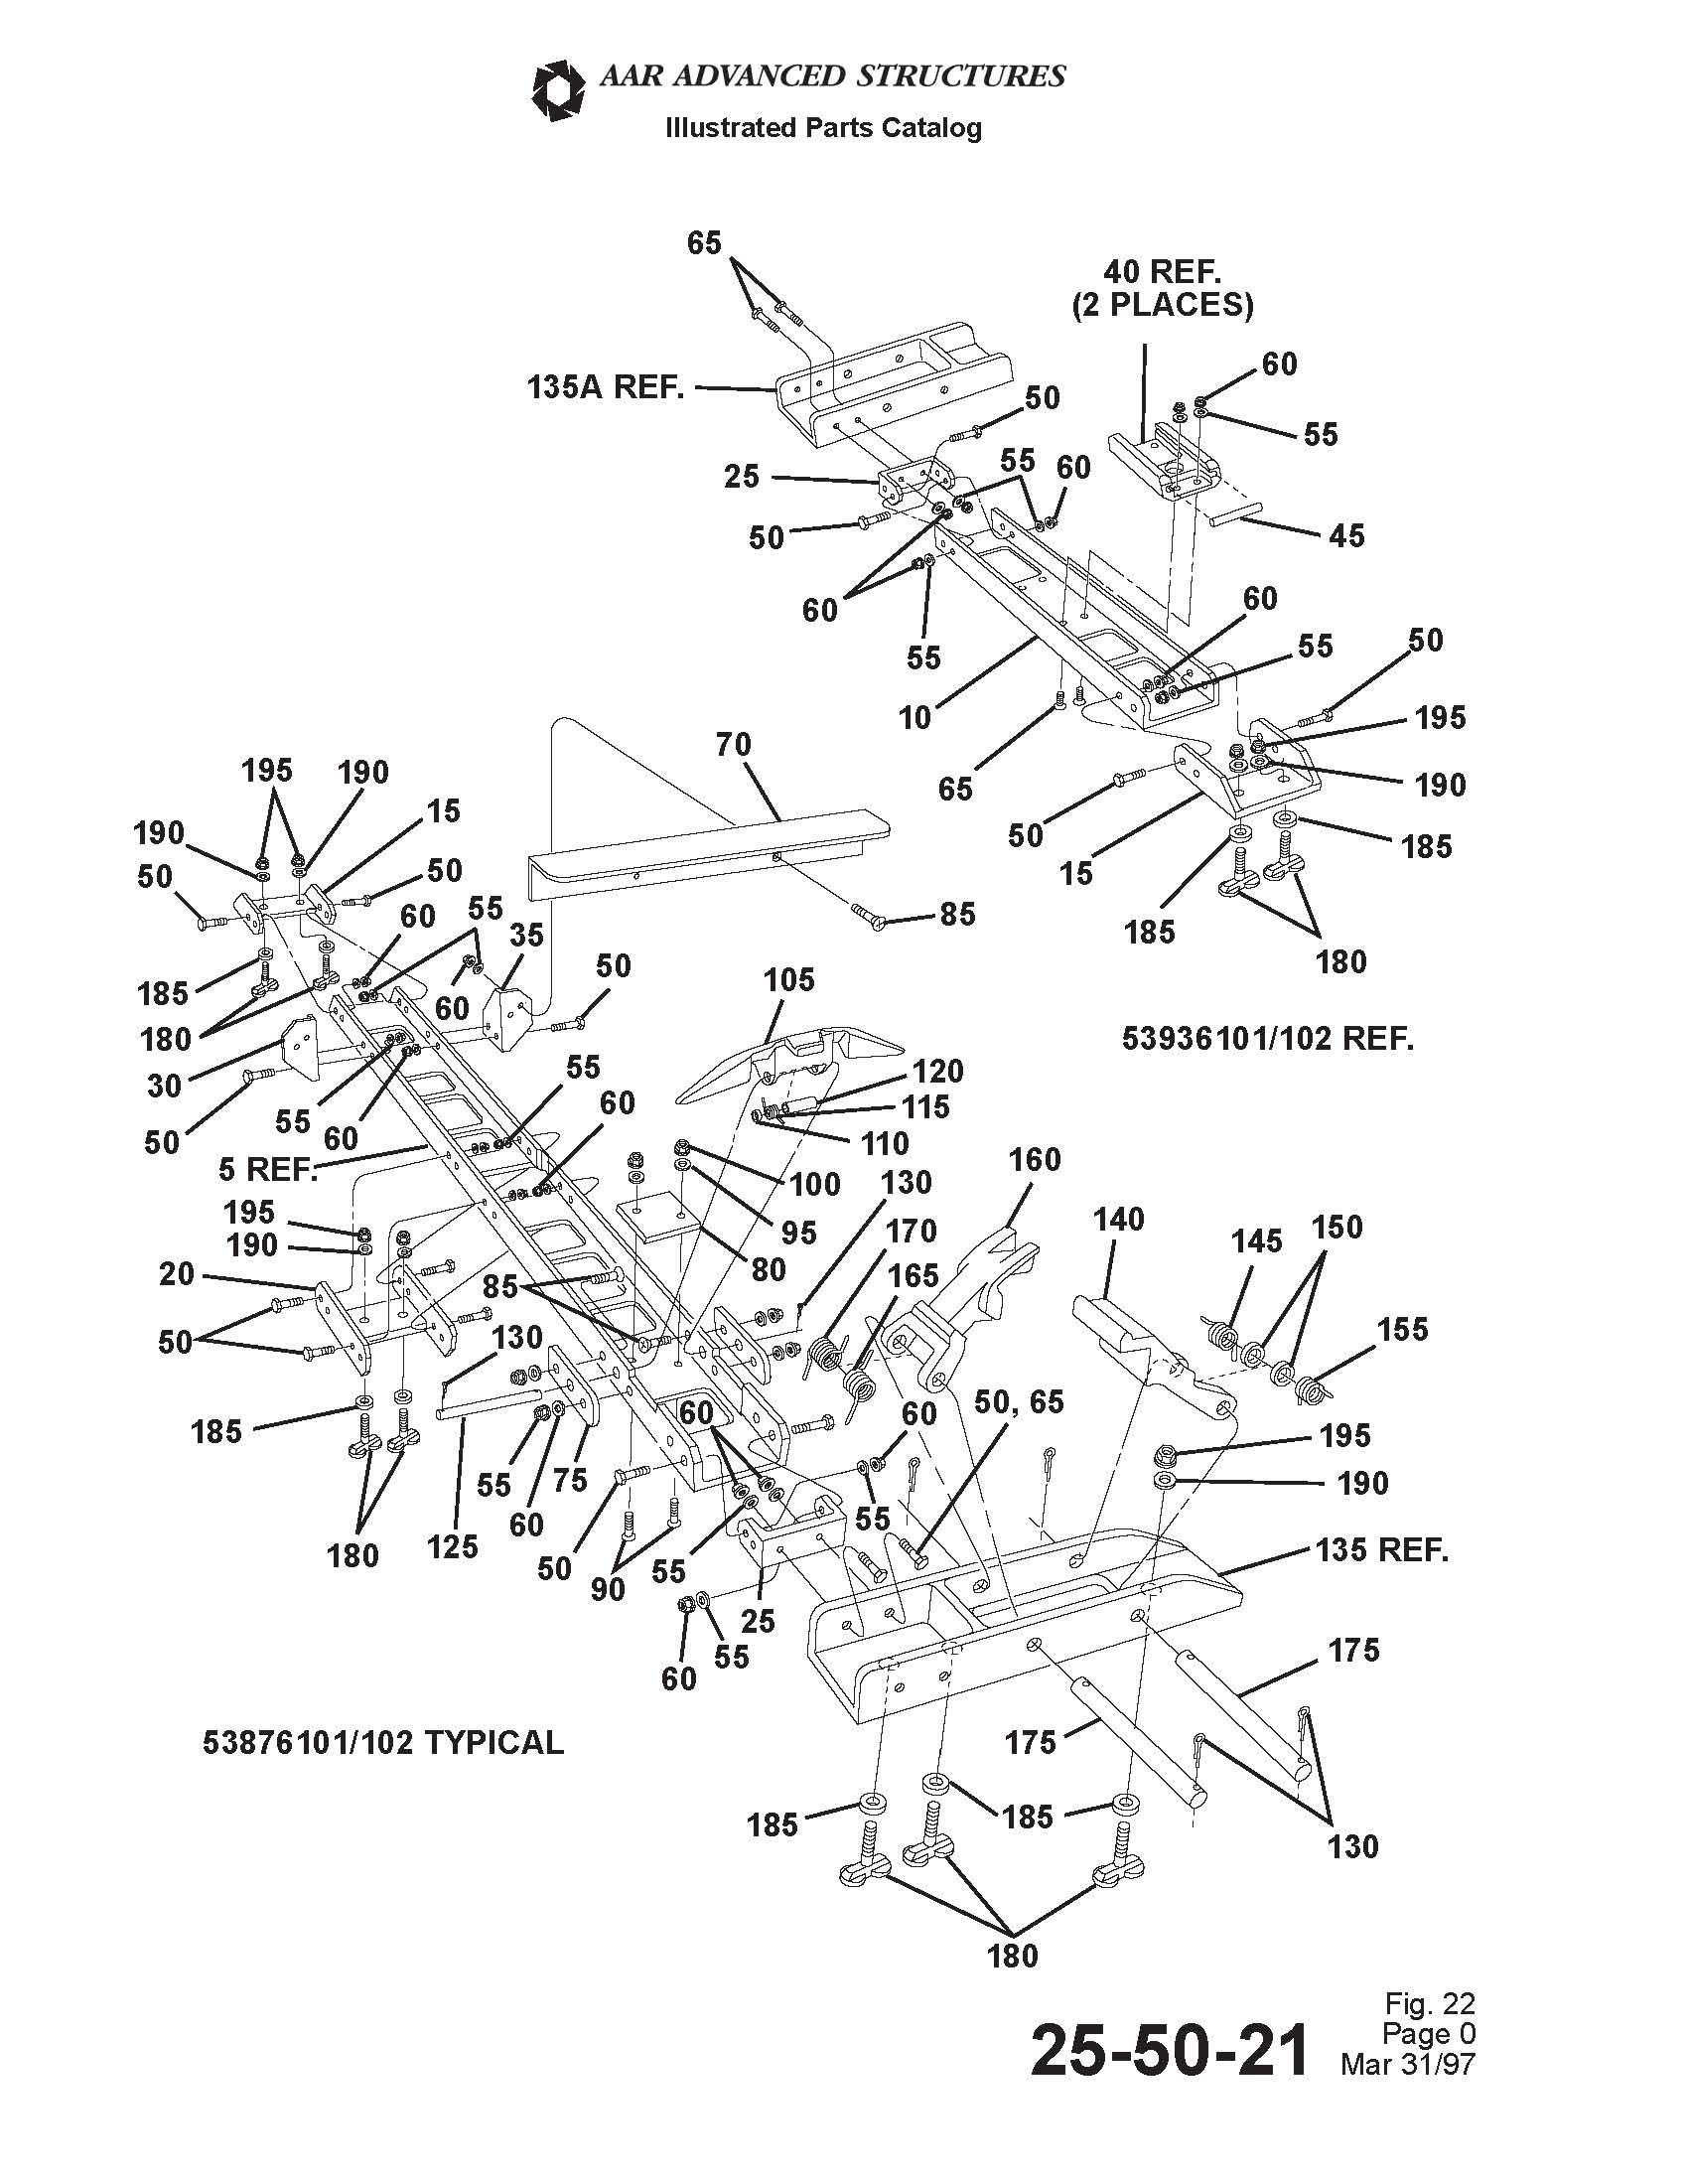 Boeing 747 Parts